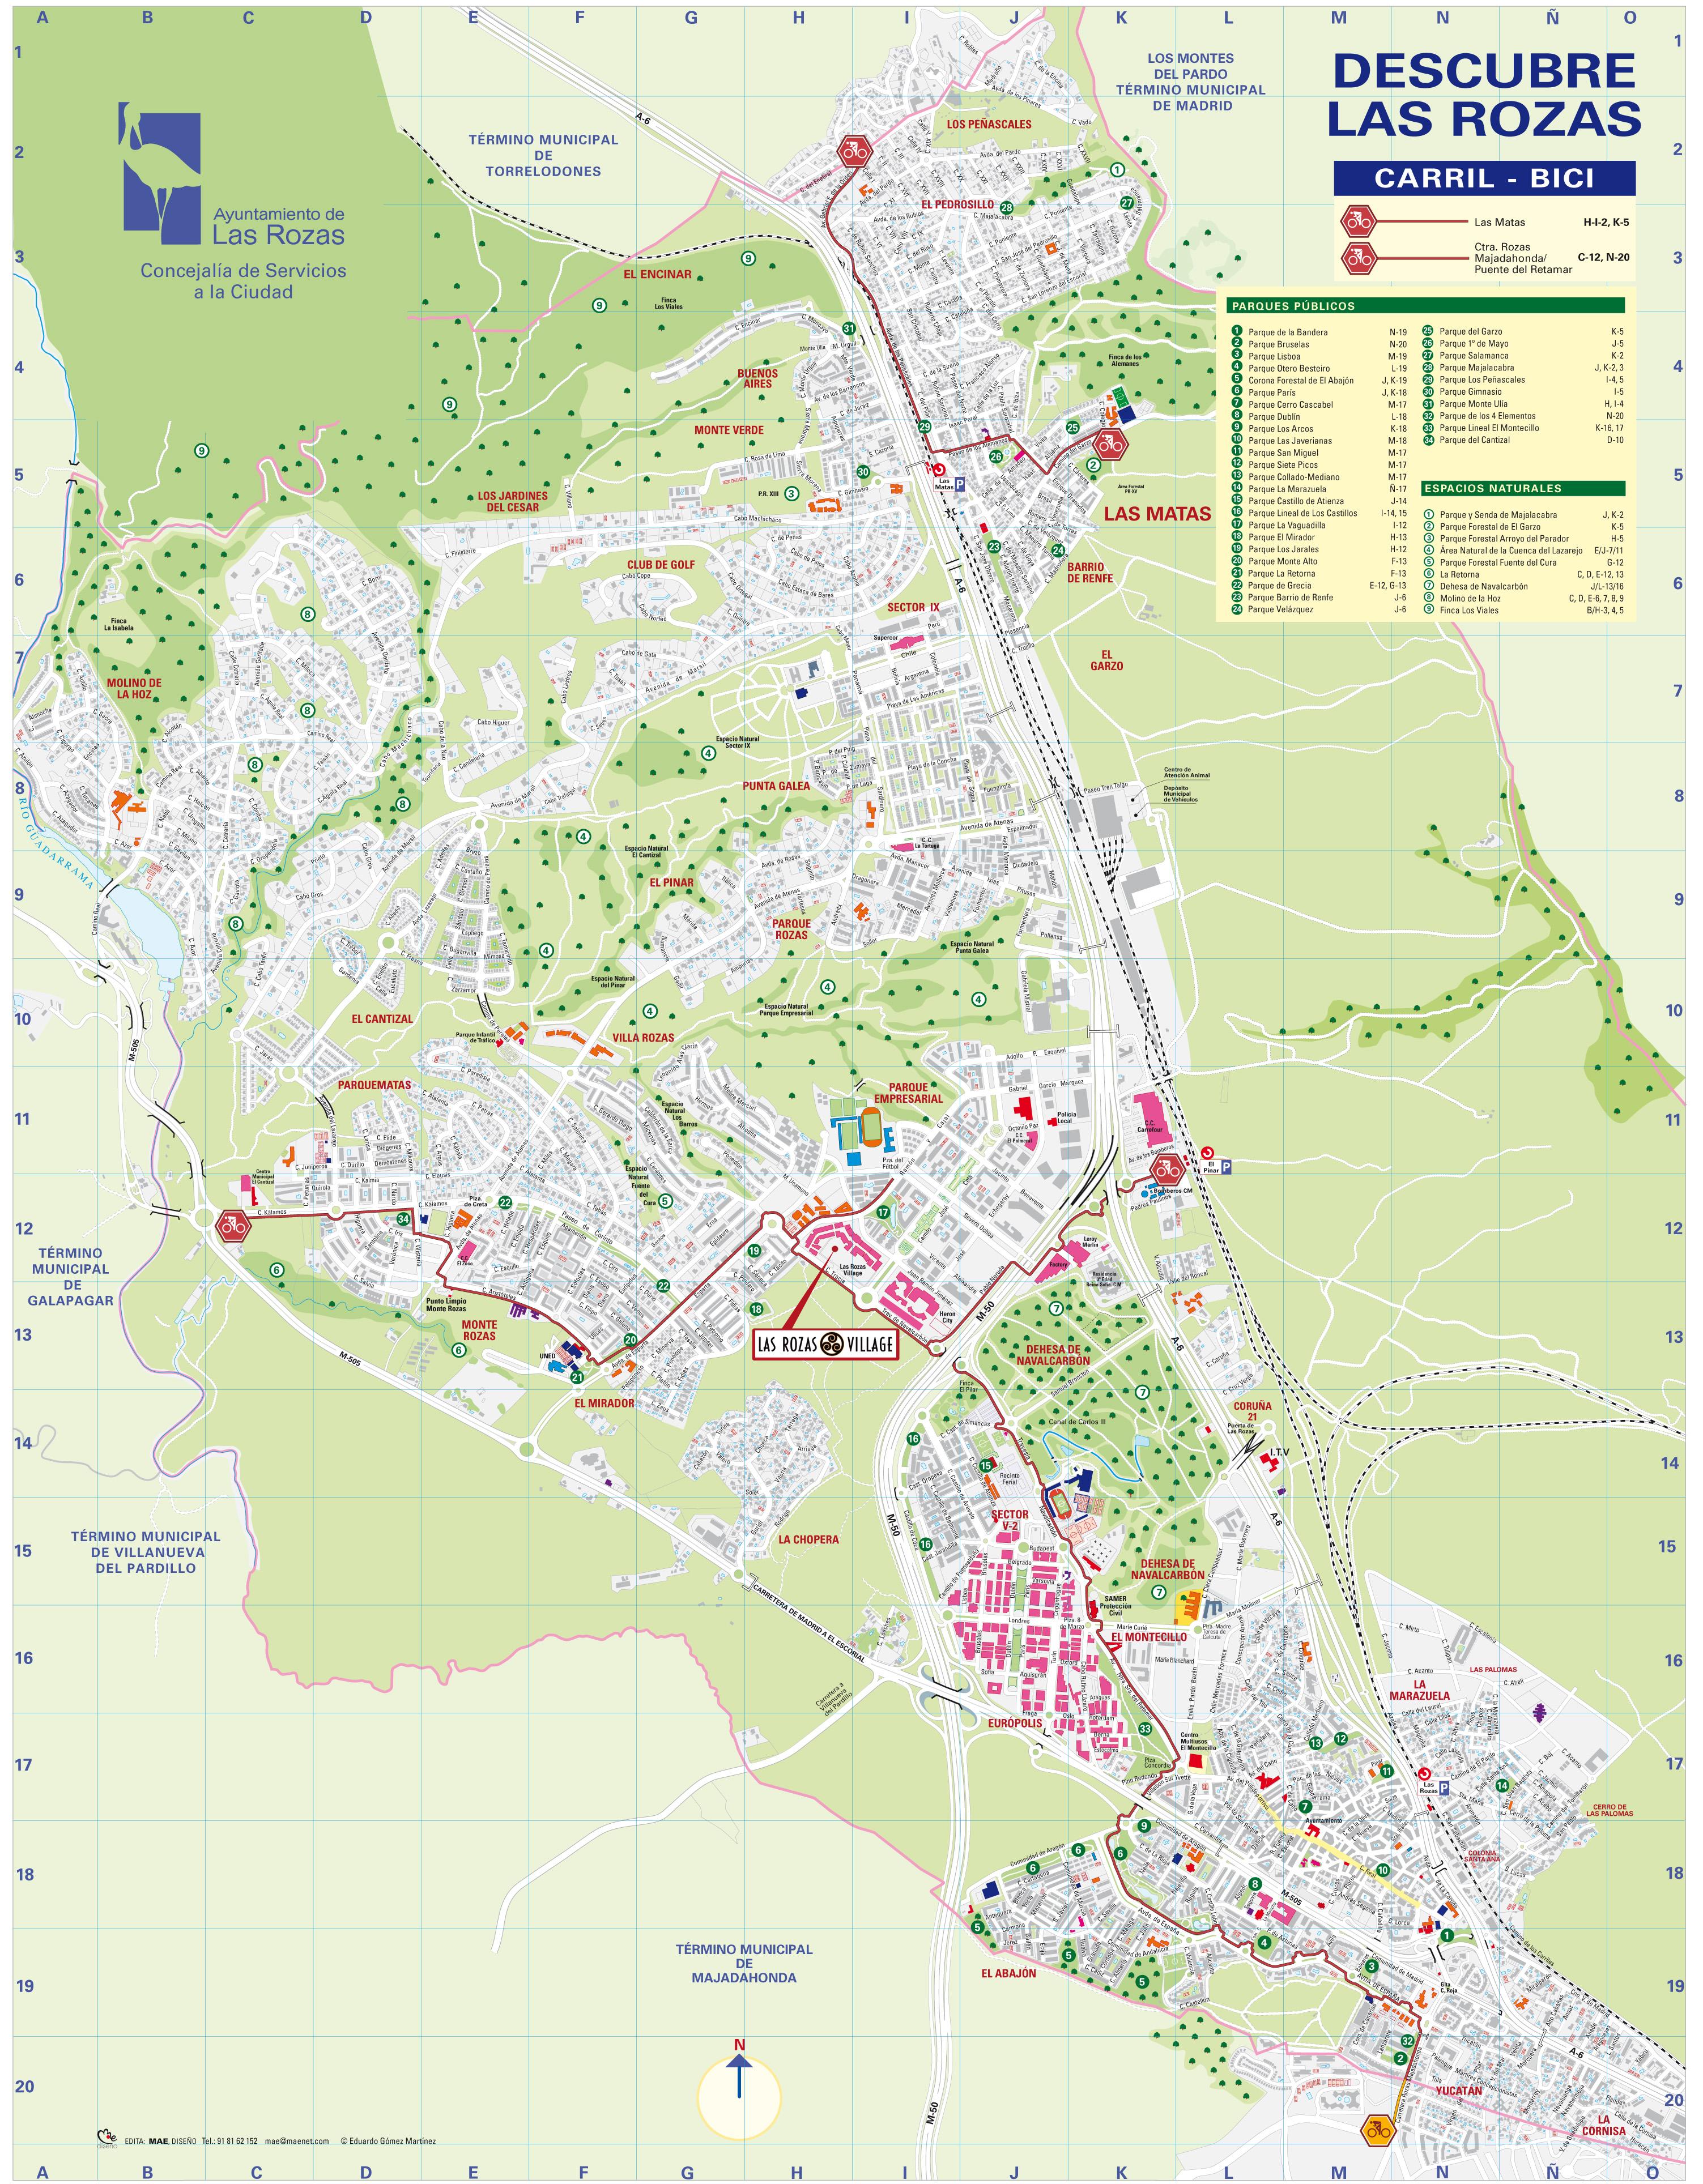 Las Rozas Madrid Mapa.Las Rozas De Madrid Mapa